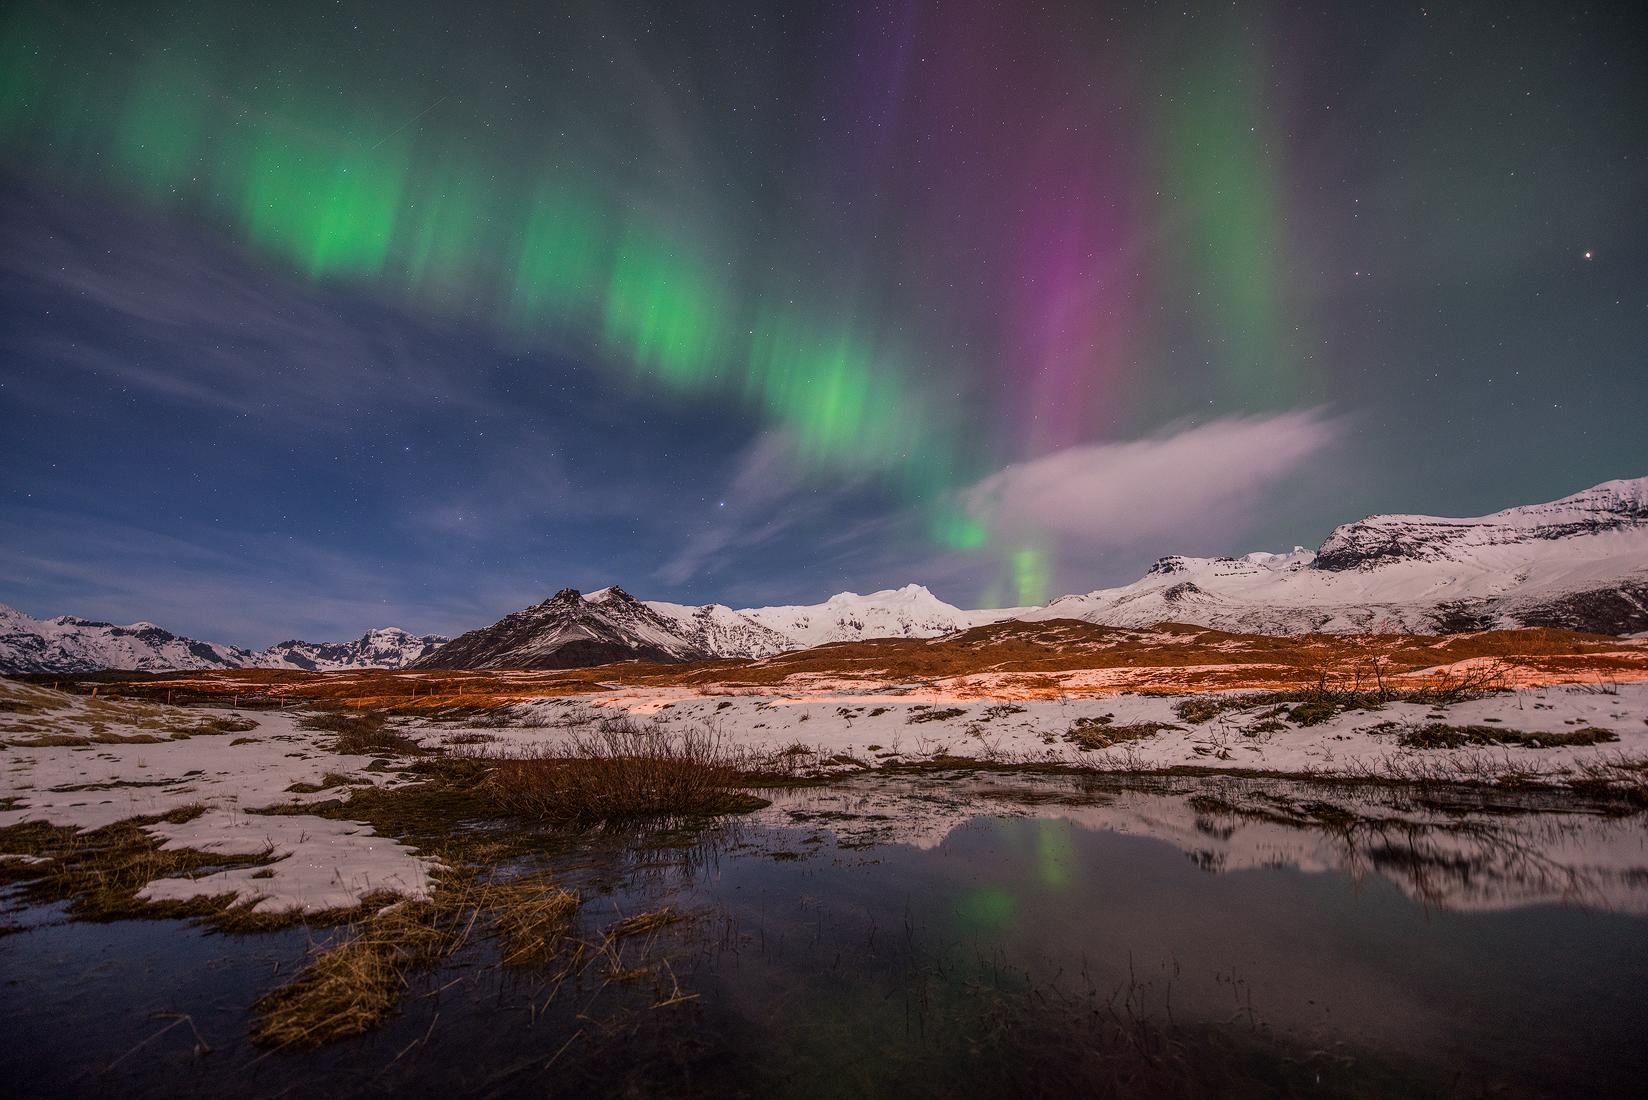 De besneeuwde landschappen van IJsland in de winter vormen in combinatie met het noorderlicht een sprookjesachtig ijslandschap.